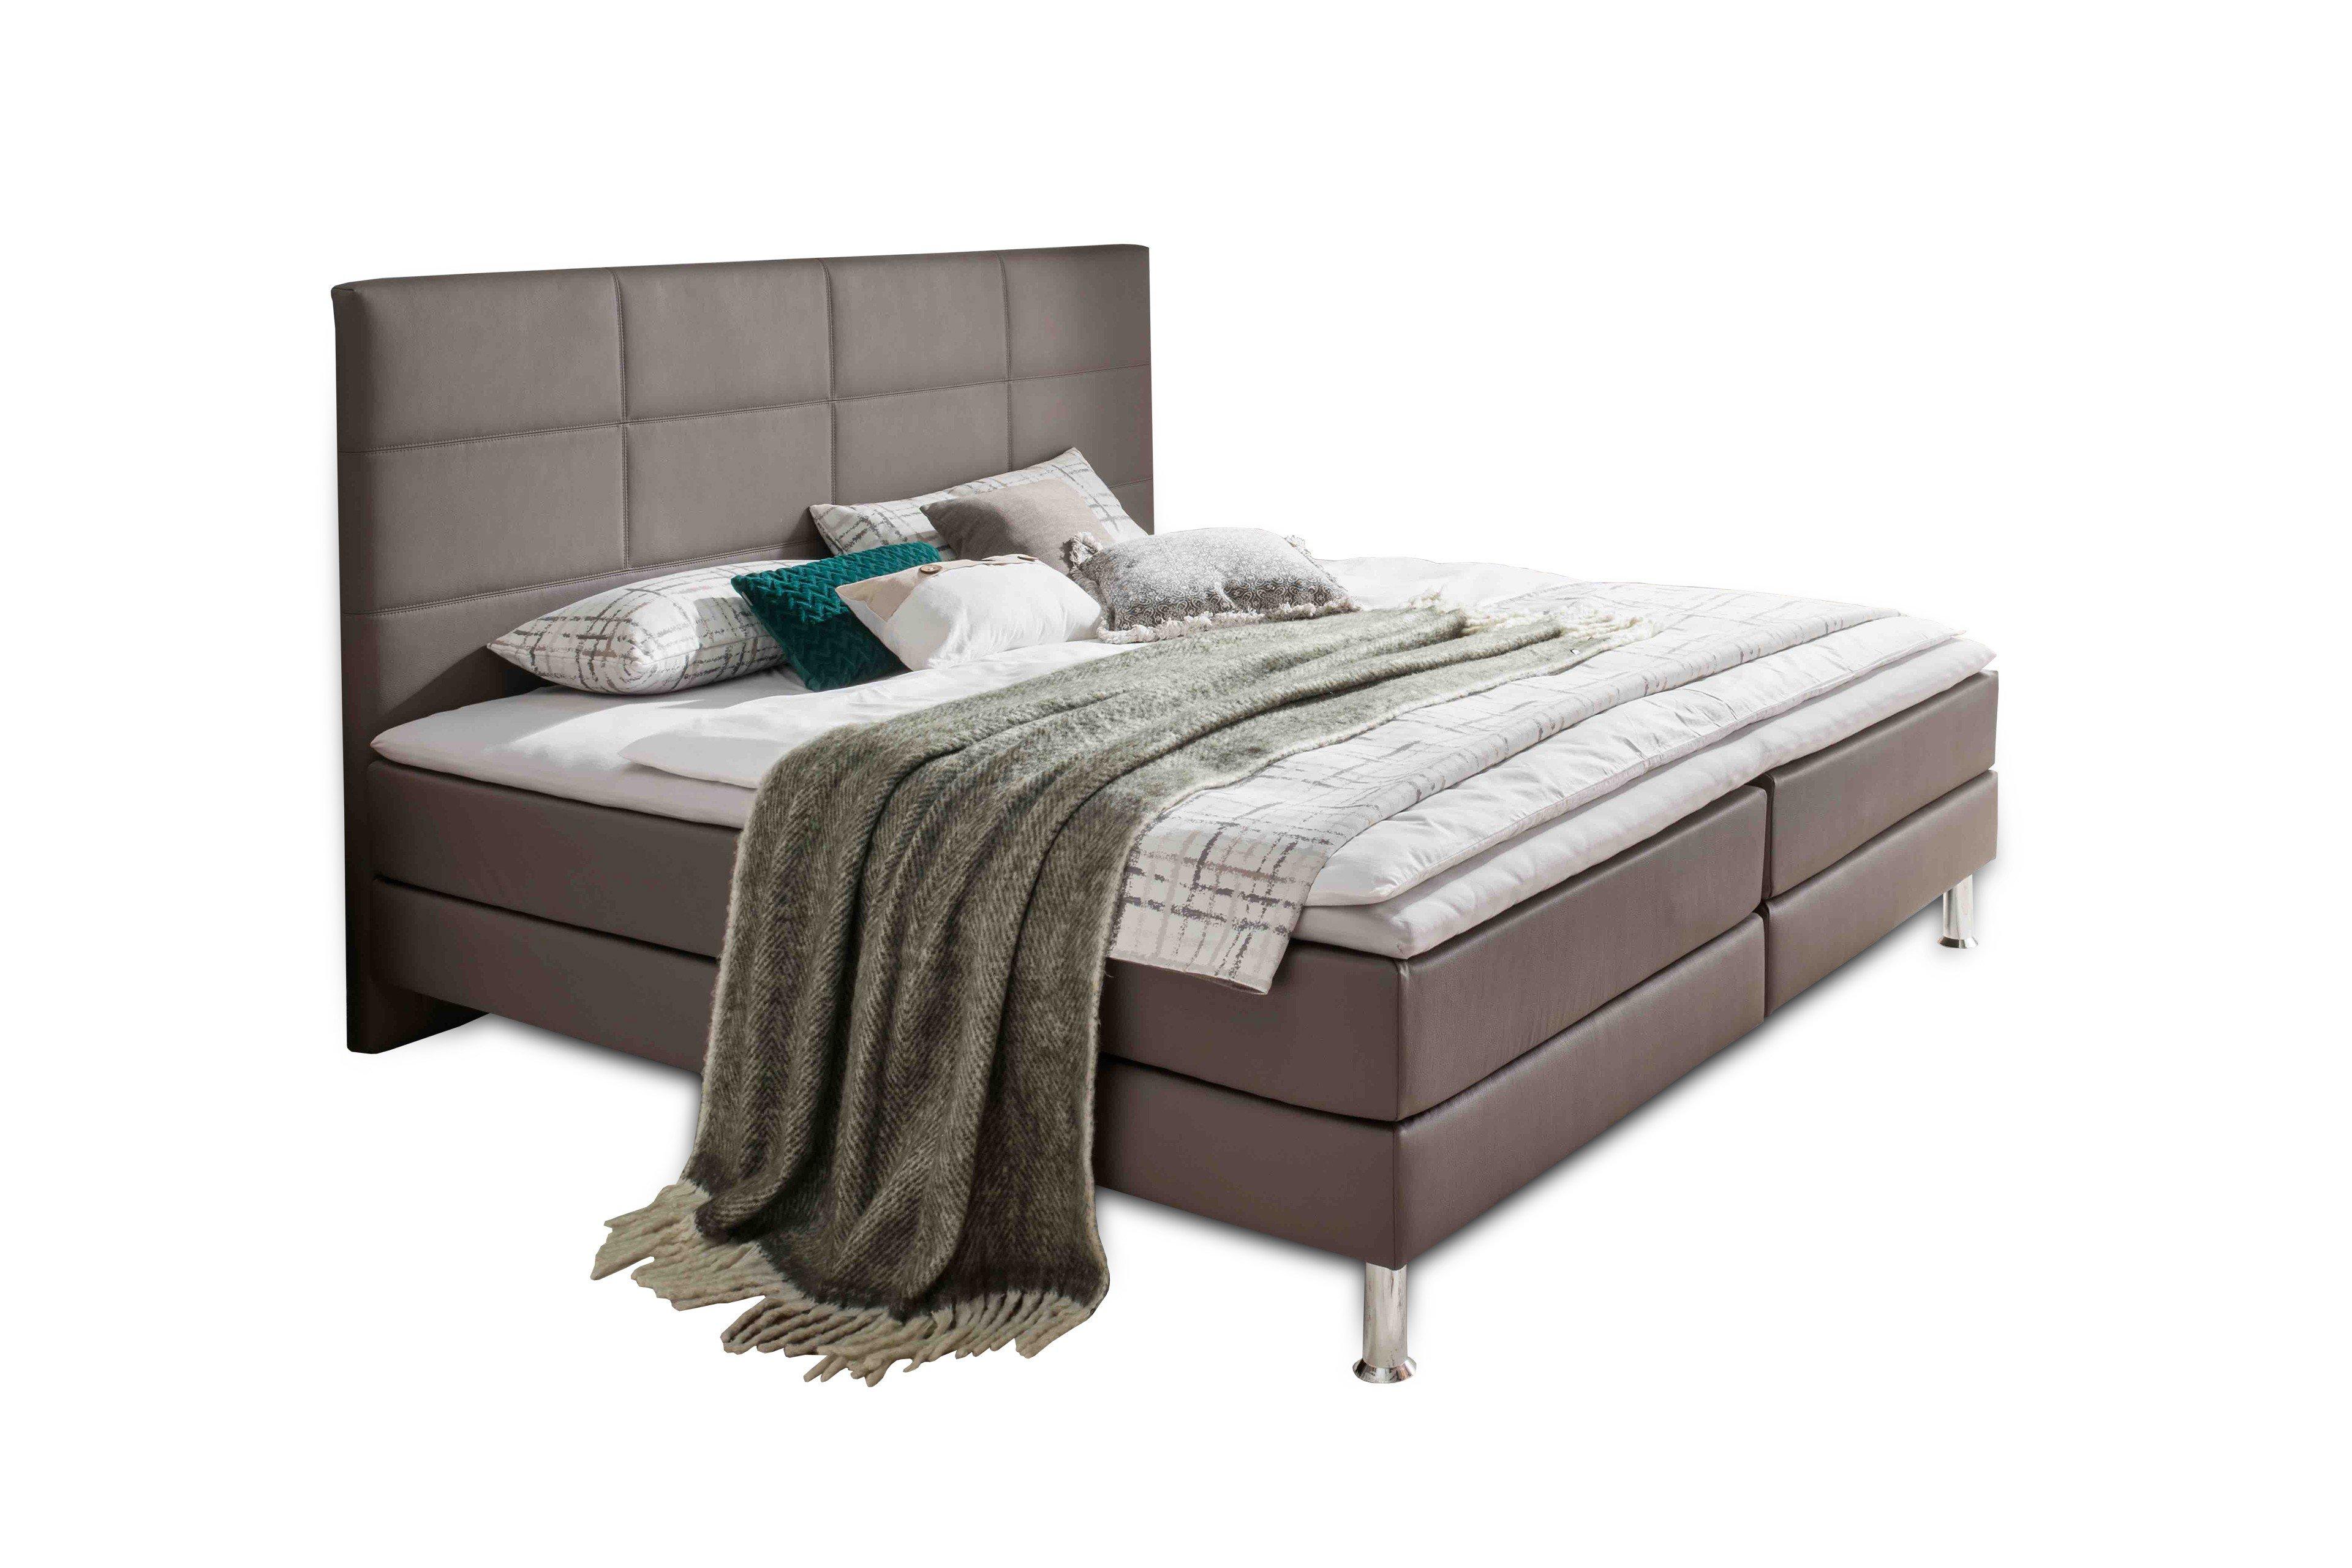 otten boxspringbett prag kt504 mit kastensteppung m bel letz ihr online shop. Black Bedroom Furniture Sets. Home Design Ideas